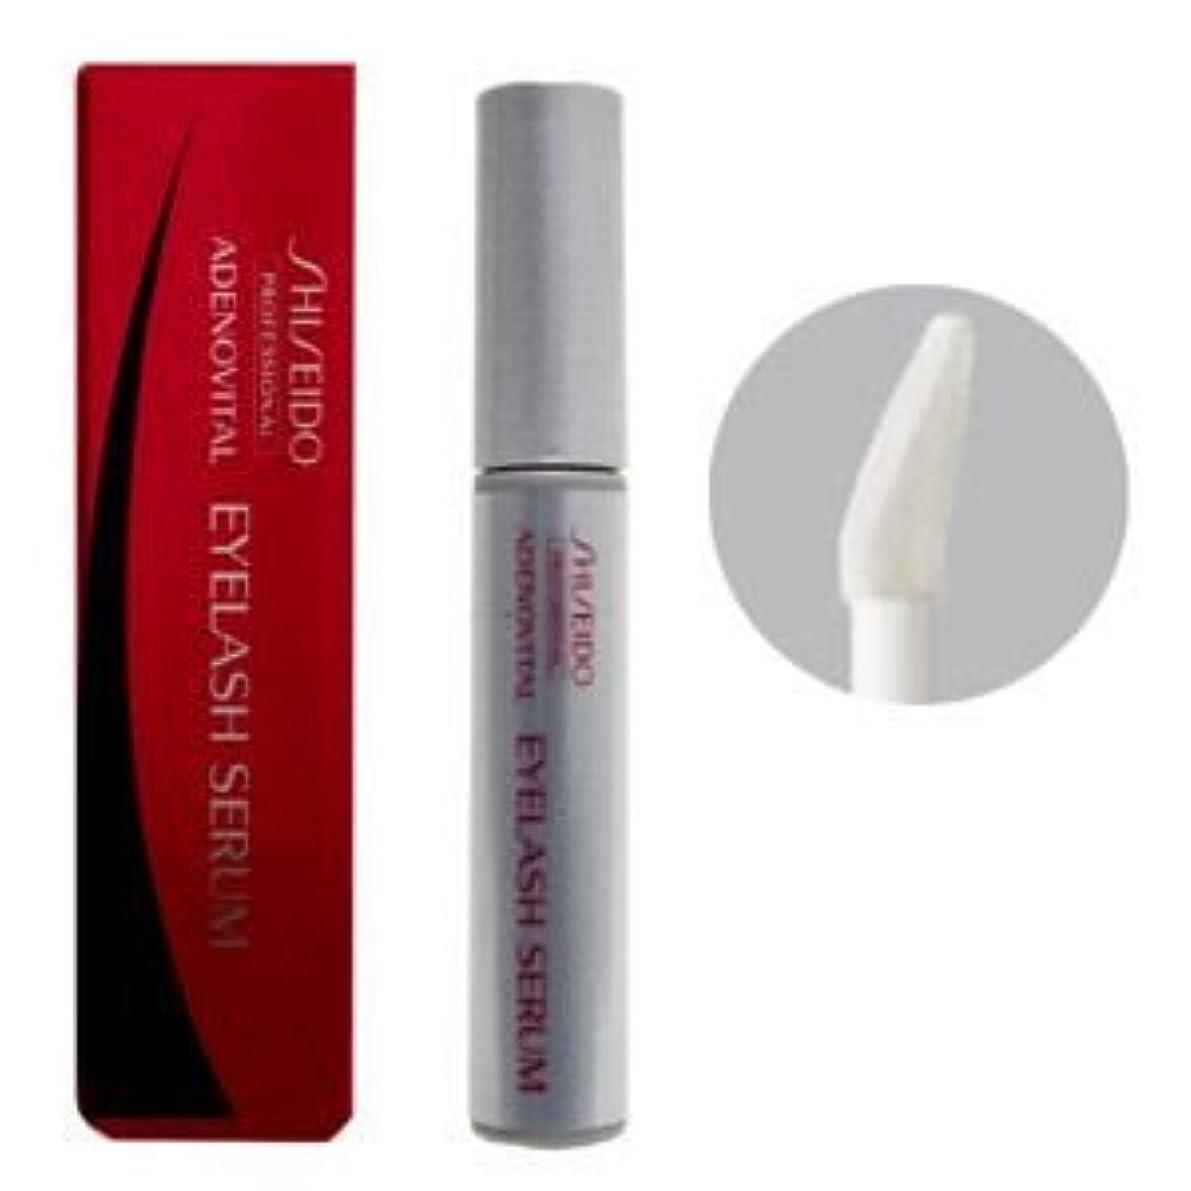 方程式コア活気づける資生堂 shiseido アデノバイタル まつ毛用美容液 6g